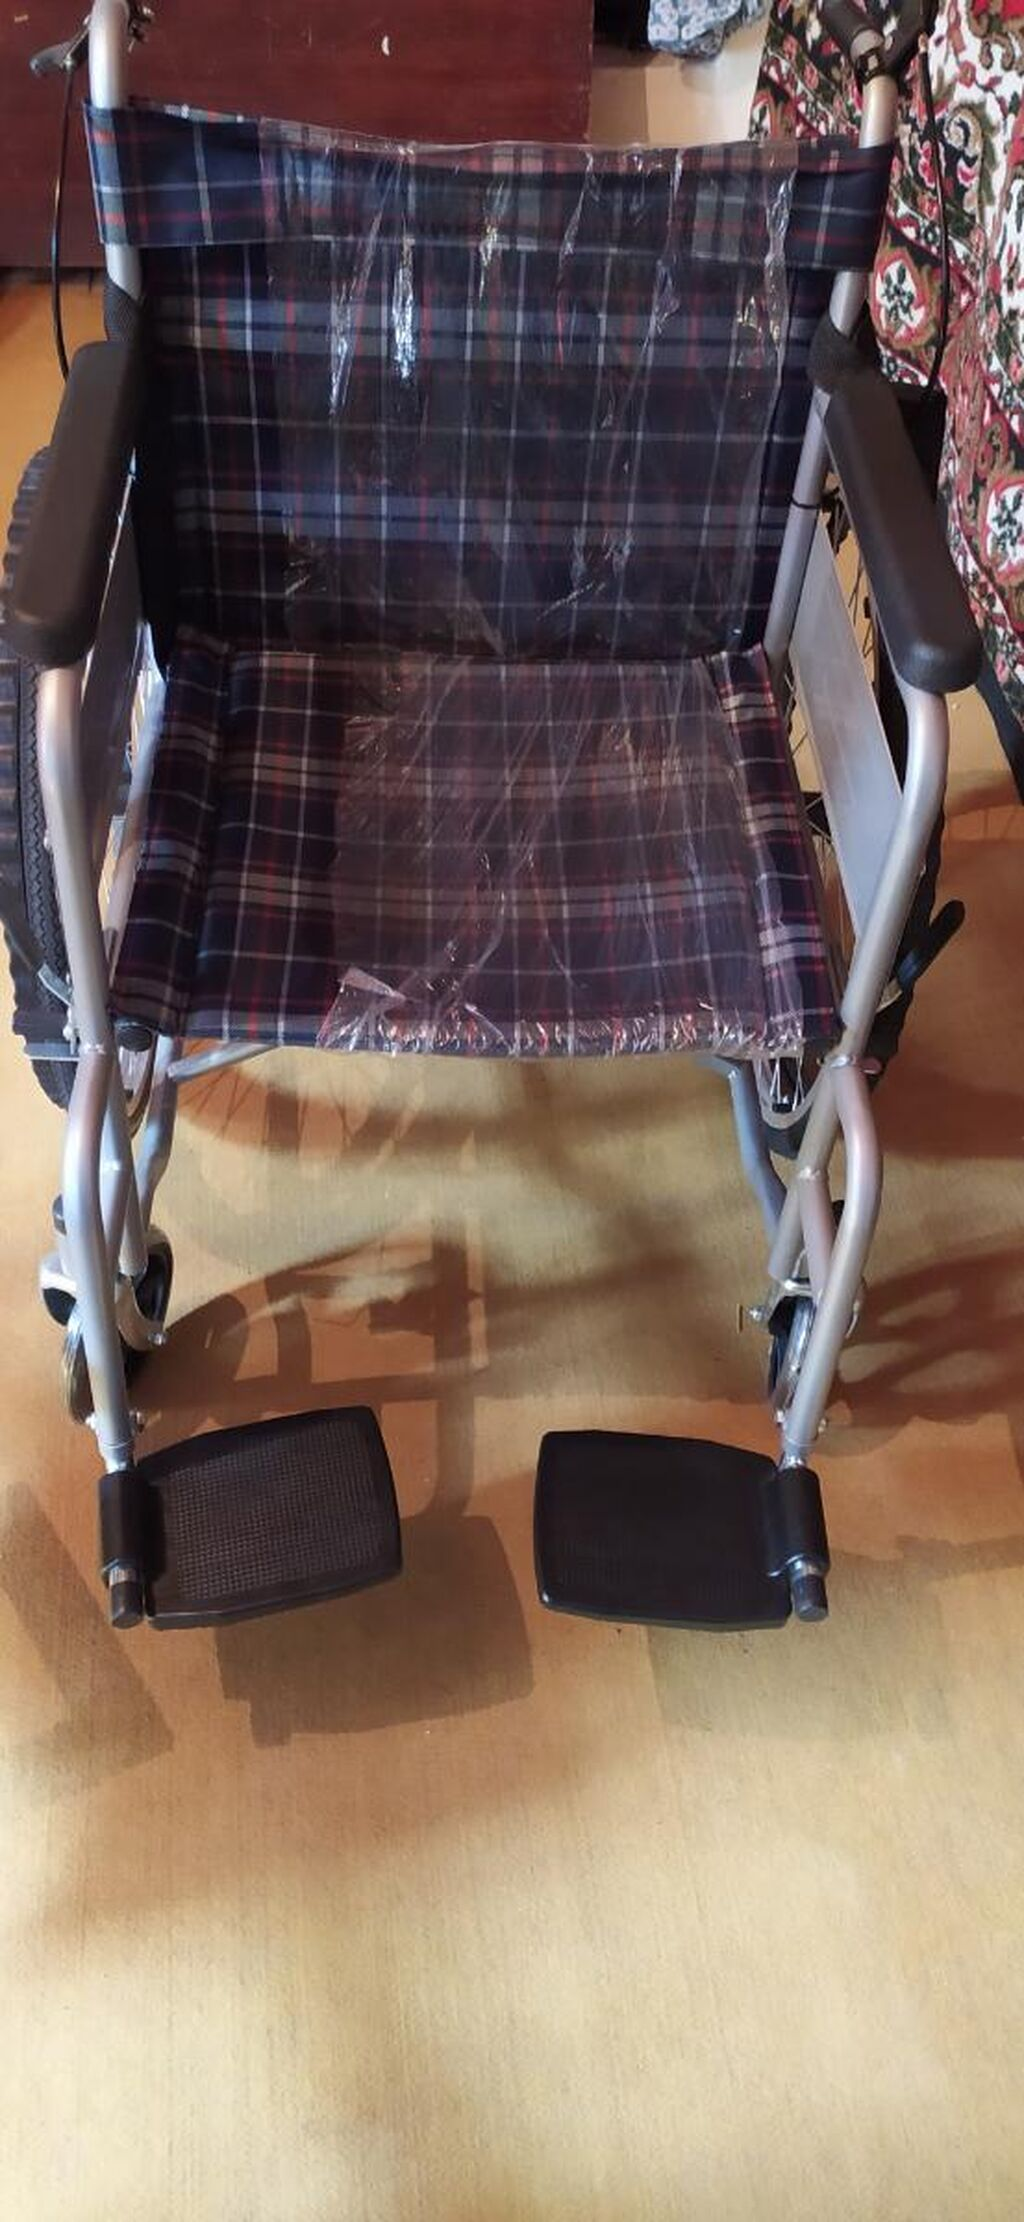 Новая инвалидная коляска для взрослых цена договорная ОШ